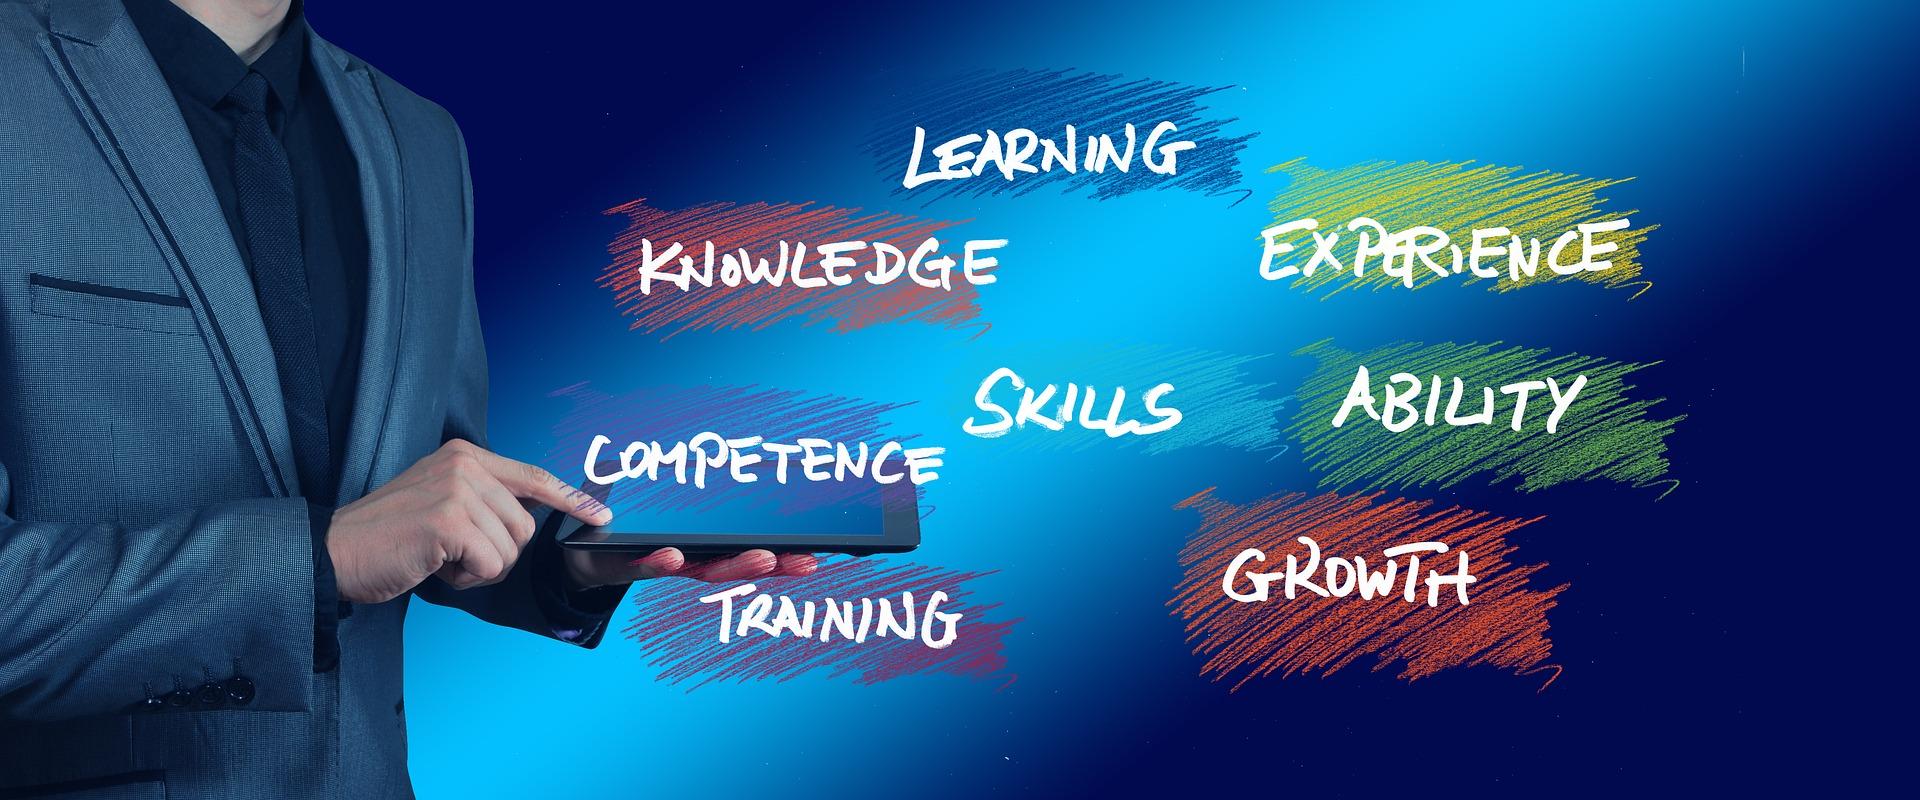 ocena / tworzenie / weryfikacja / audyt / budowanie ścieżek rozwoju / organizacja